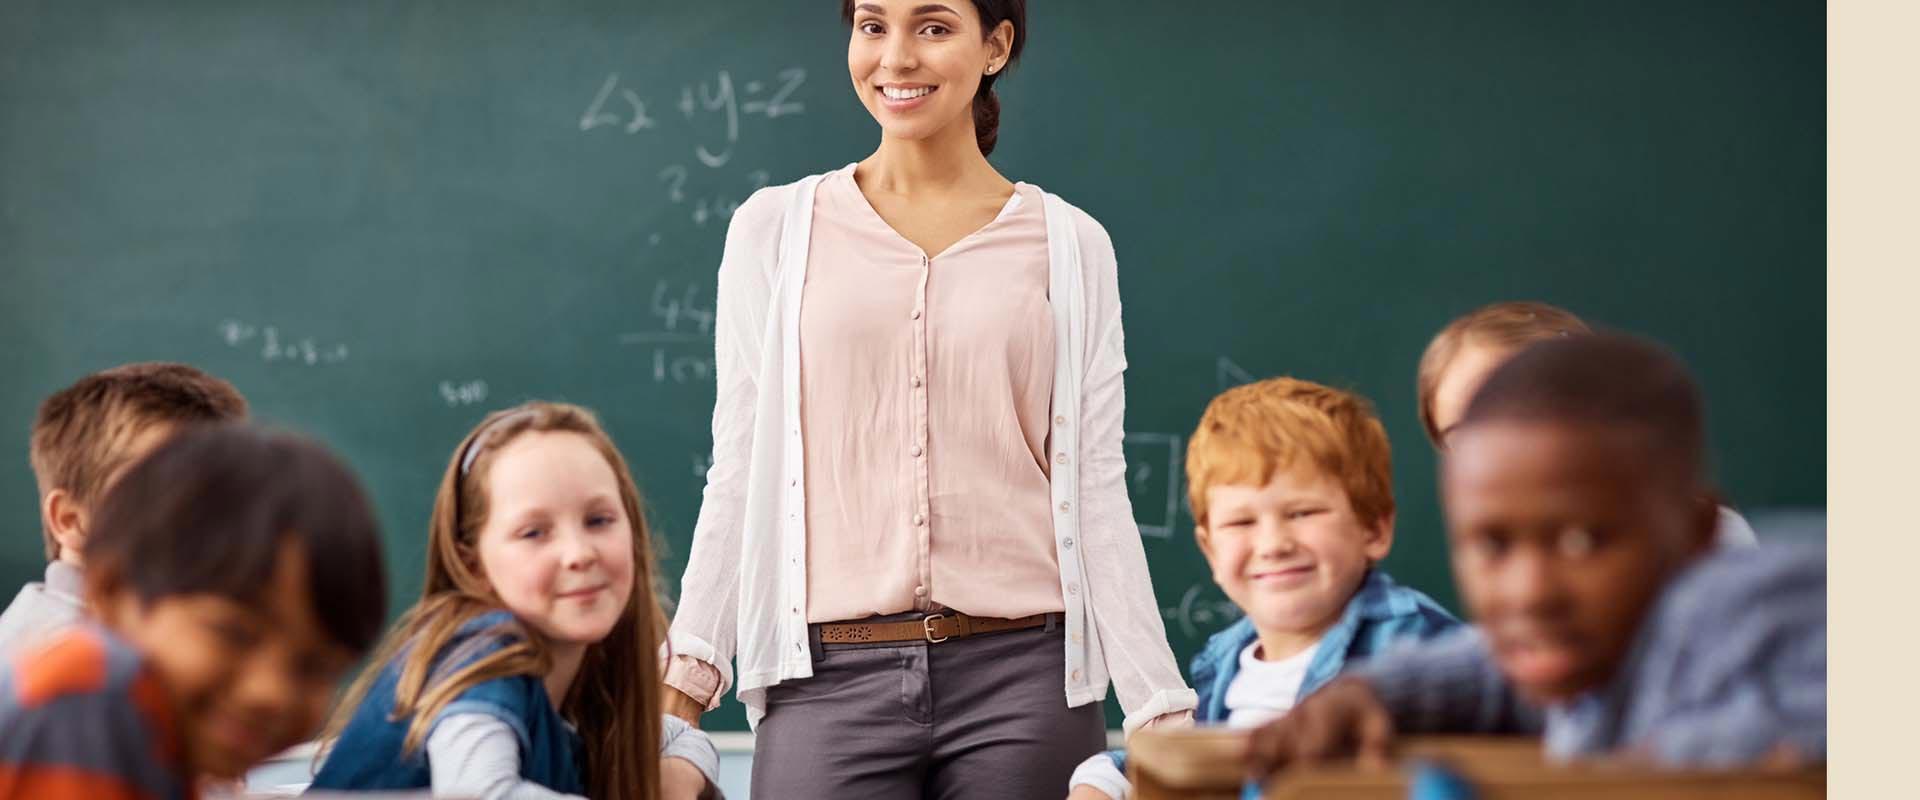 Fort Cobb-Broxton Schools Calendar 2021 - Publicholidays intended for Fort Zumwalt 2022 2023 Calendar